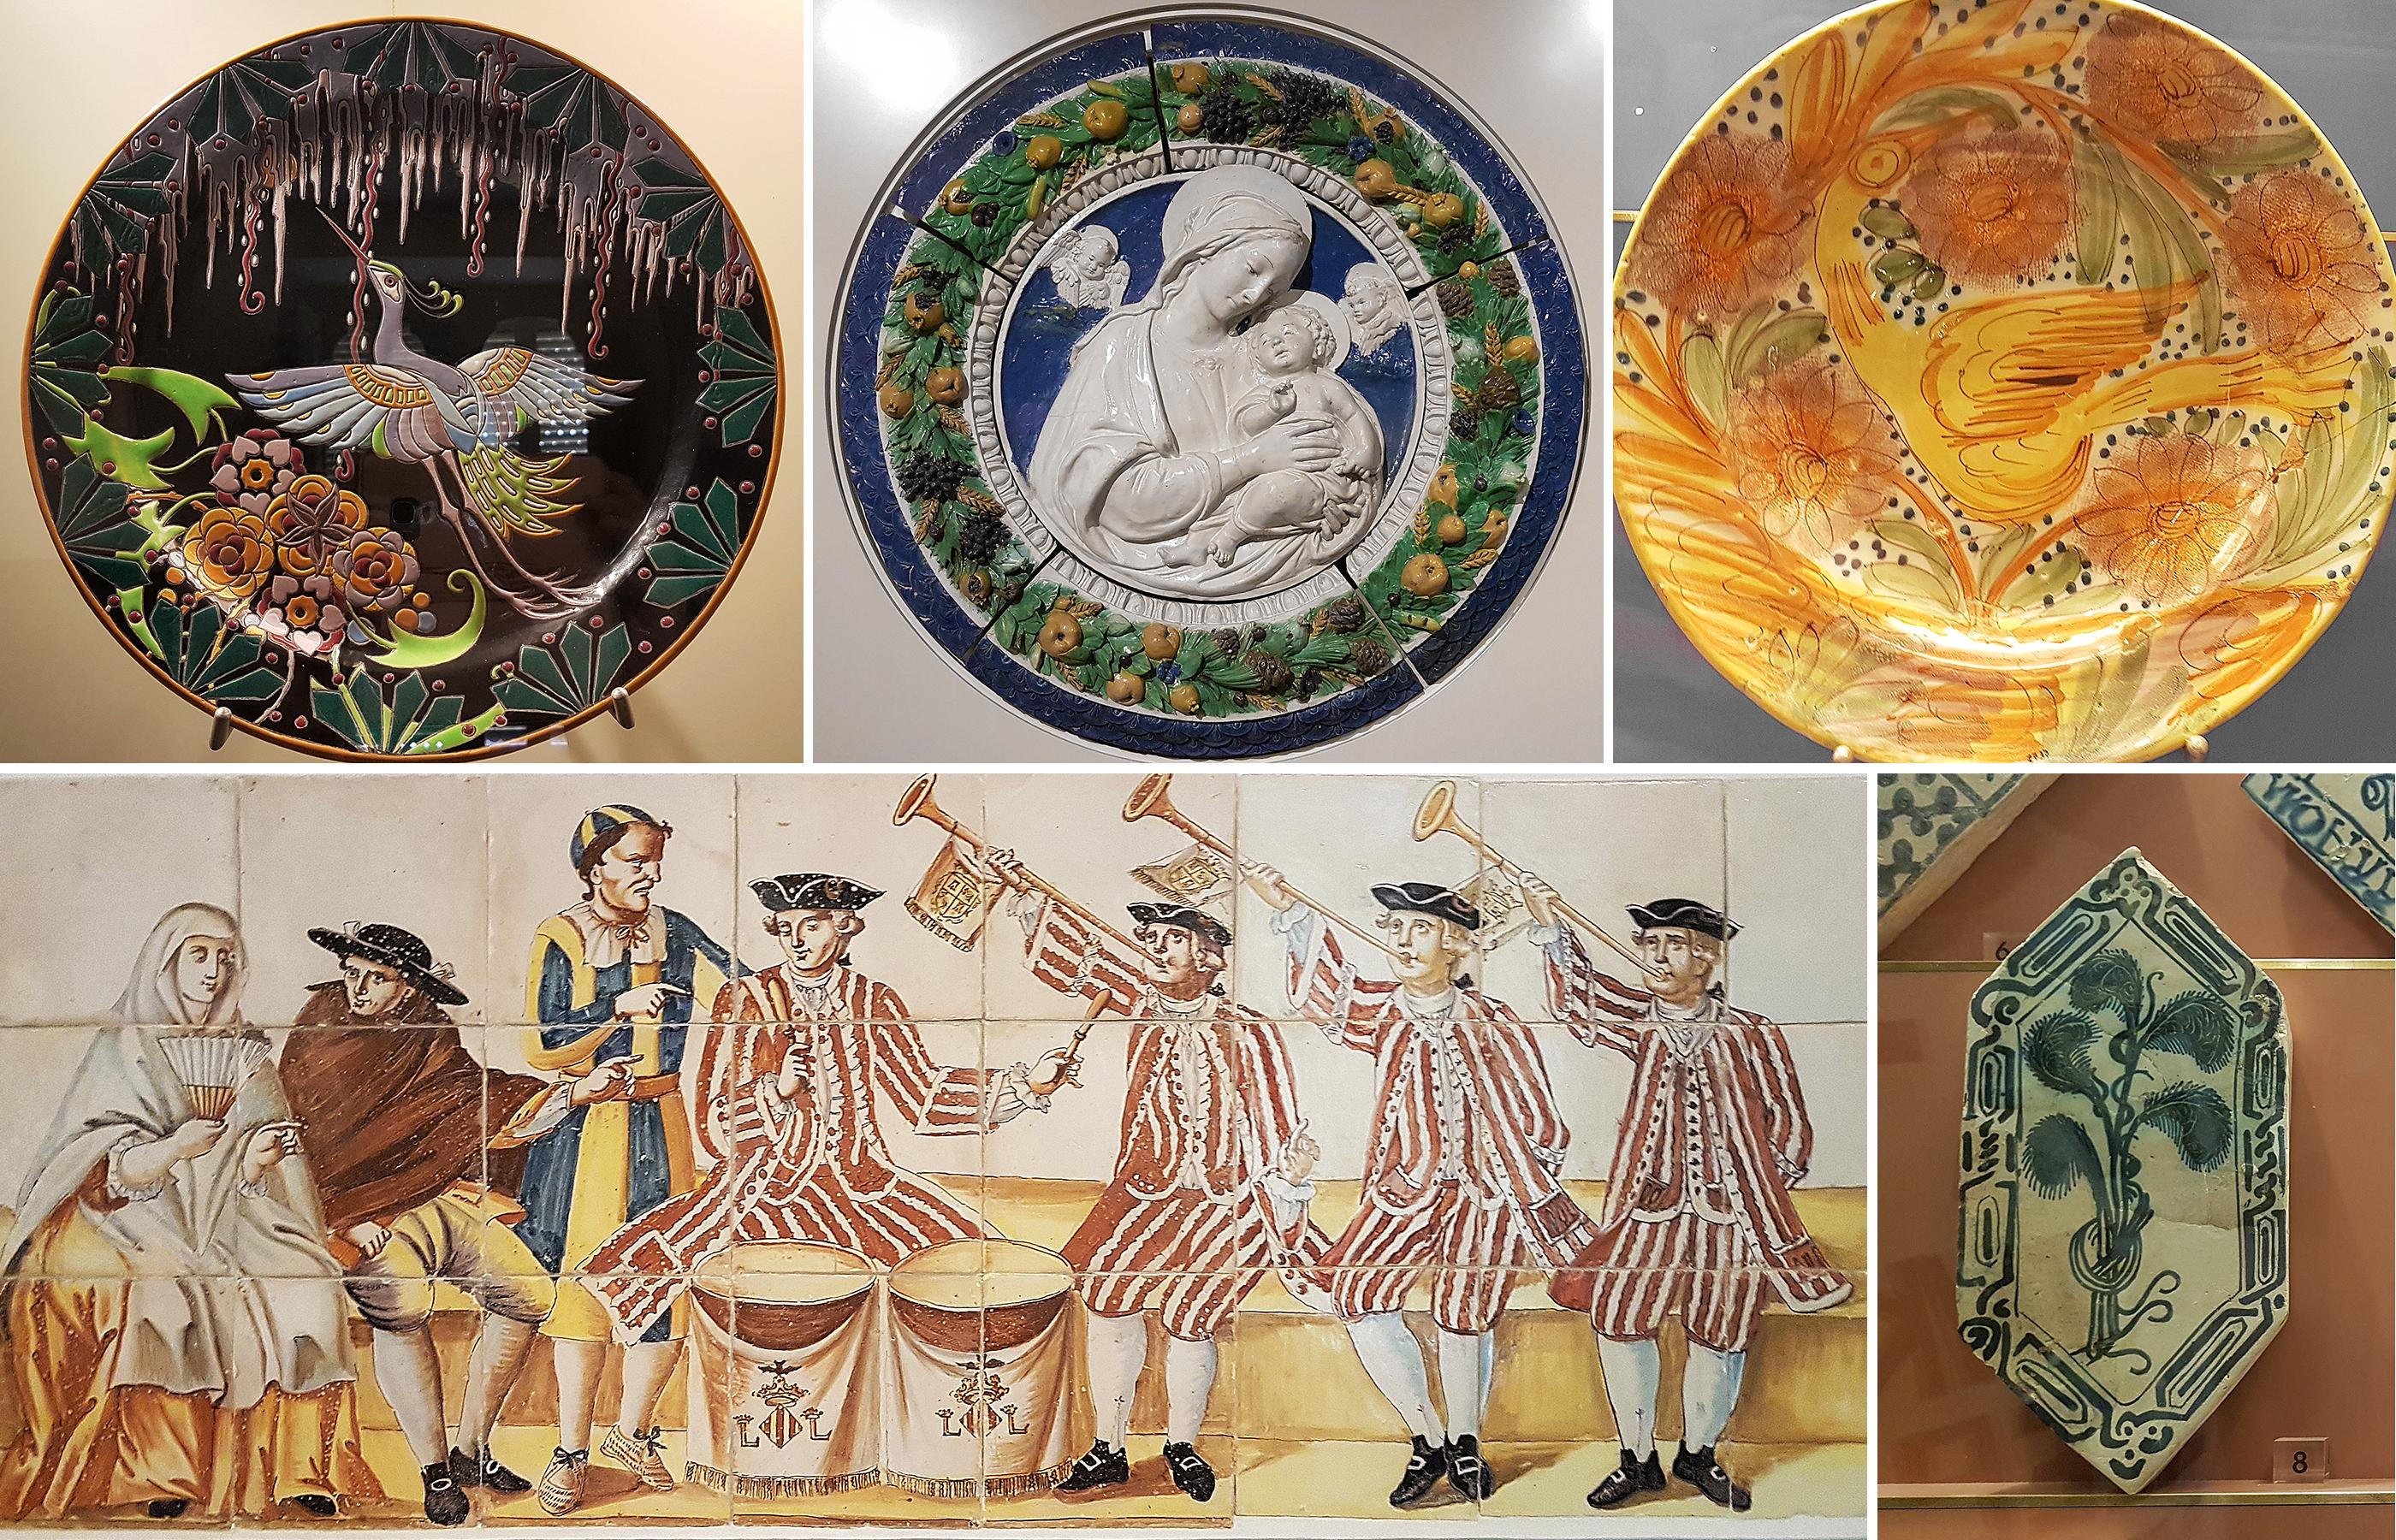 В залах музея представлены уникальные образцы испанской керамики